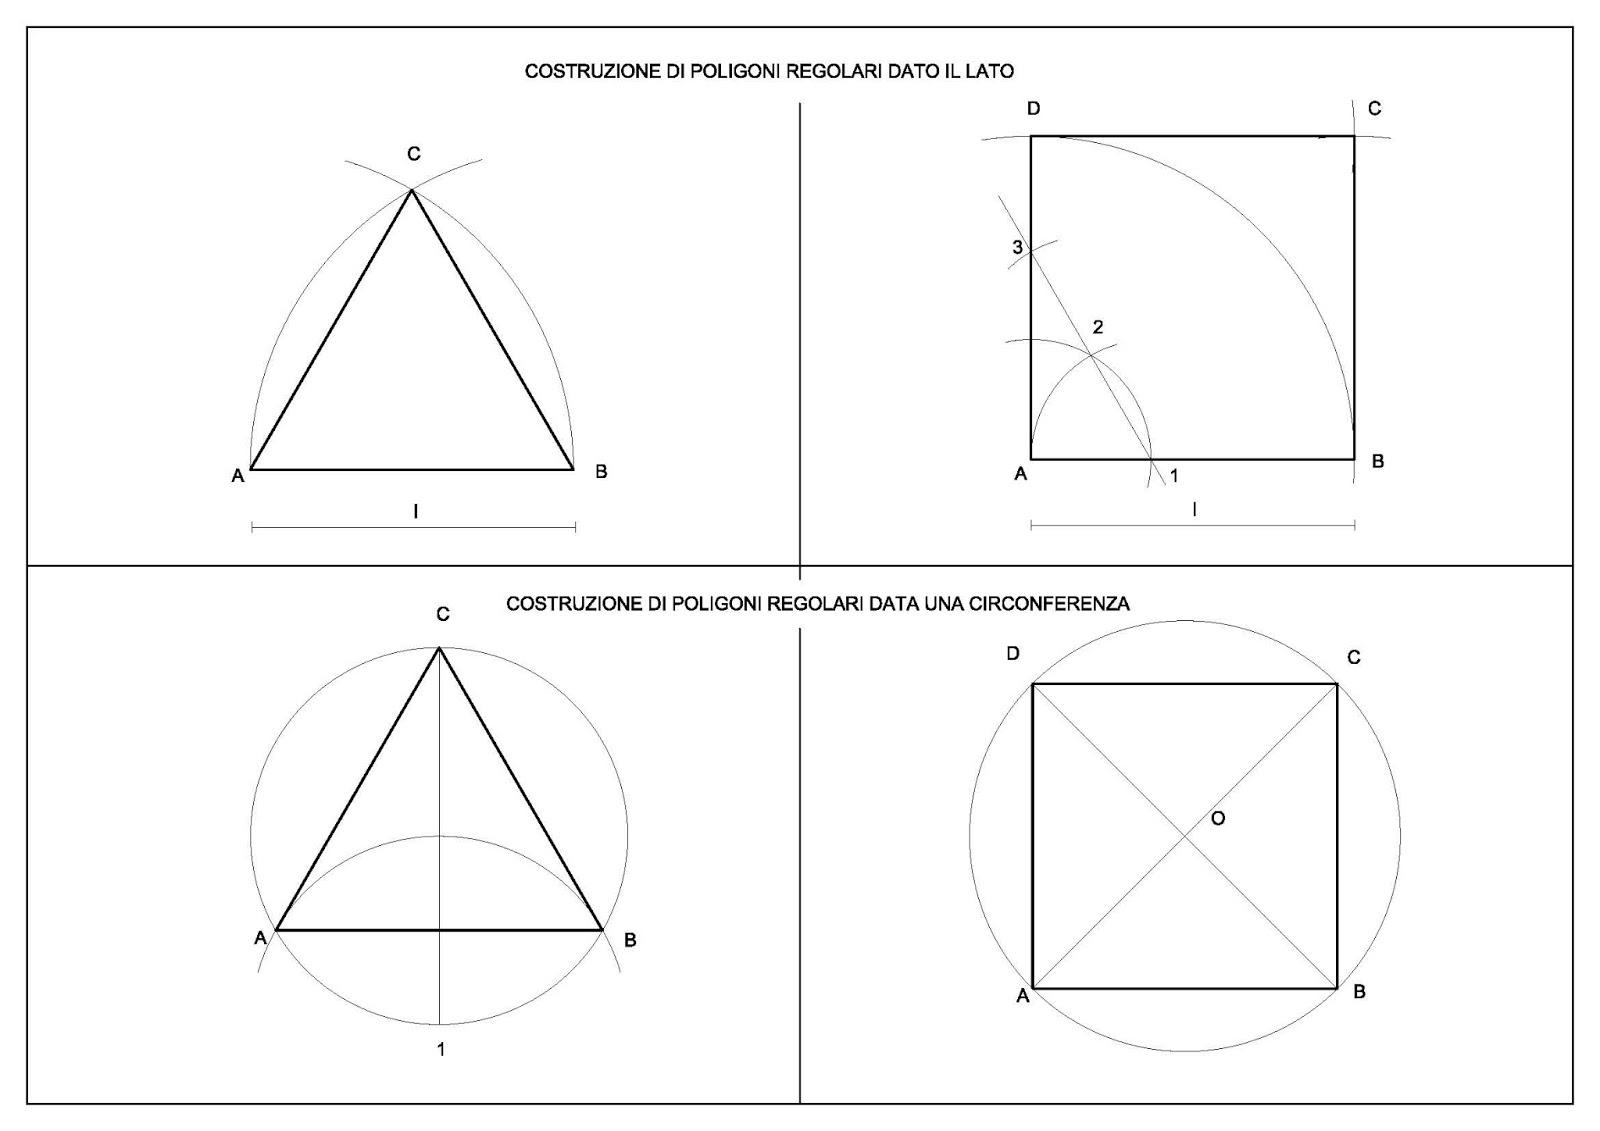 Costruzione triangolo e quadrato dato il lato e inscritti for Costruzione ottagono dato il lato